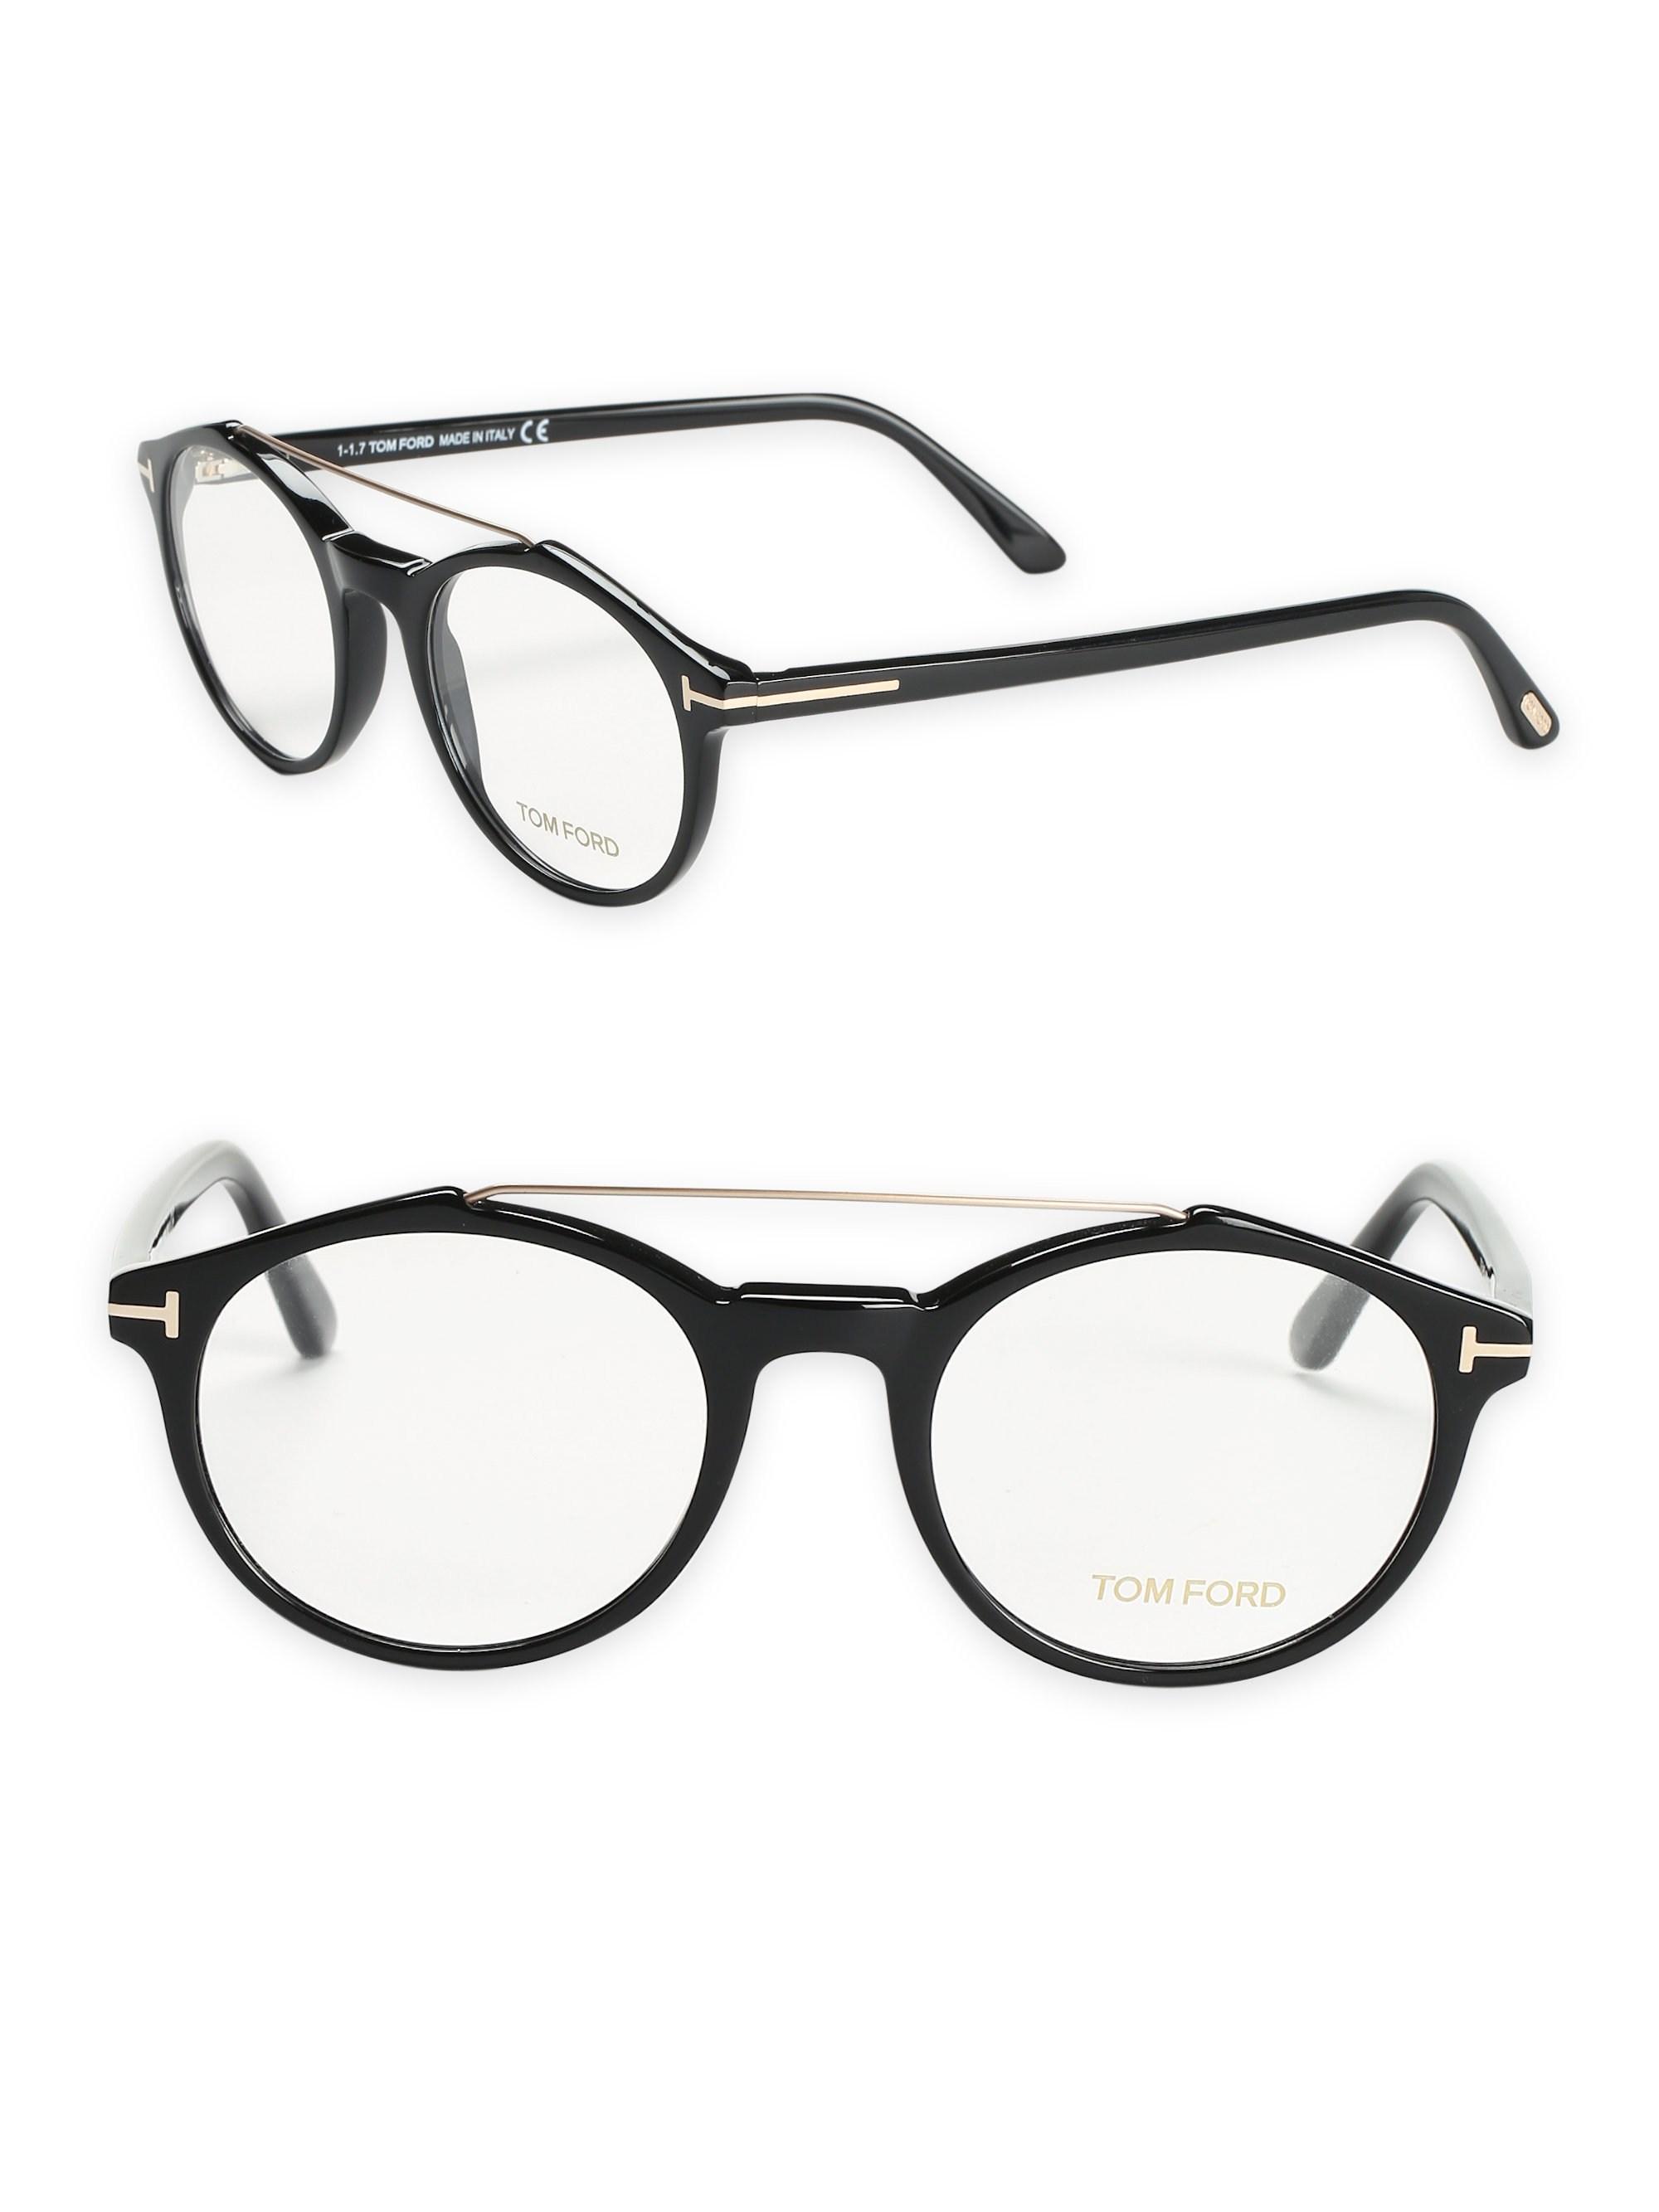 3b929f4092d Tom Ford - Men s Pilot Optical Glasses - Black for Men - Lyst. View  fullscreen